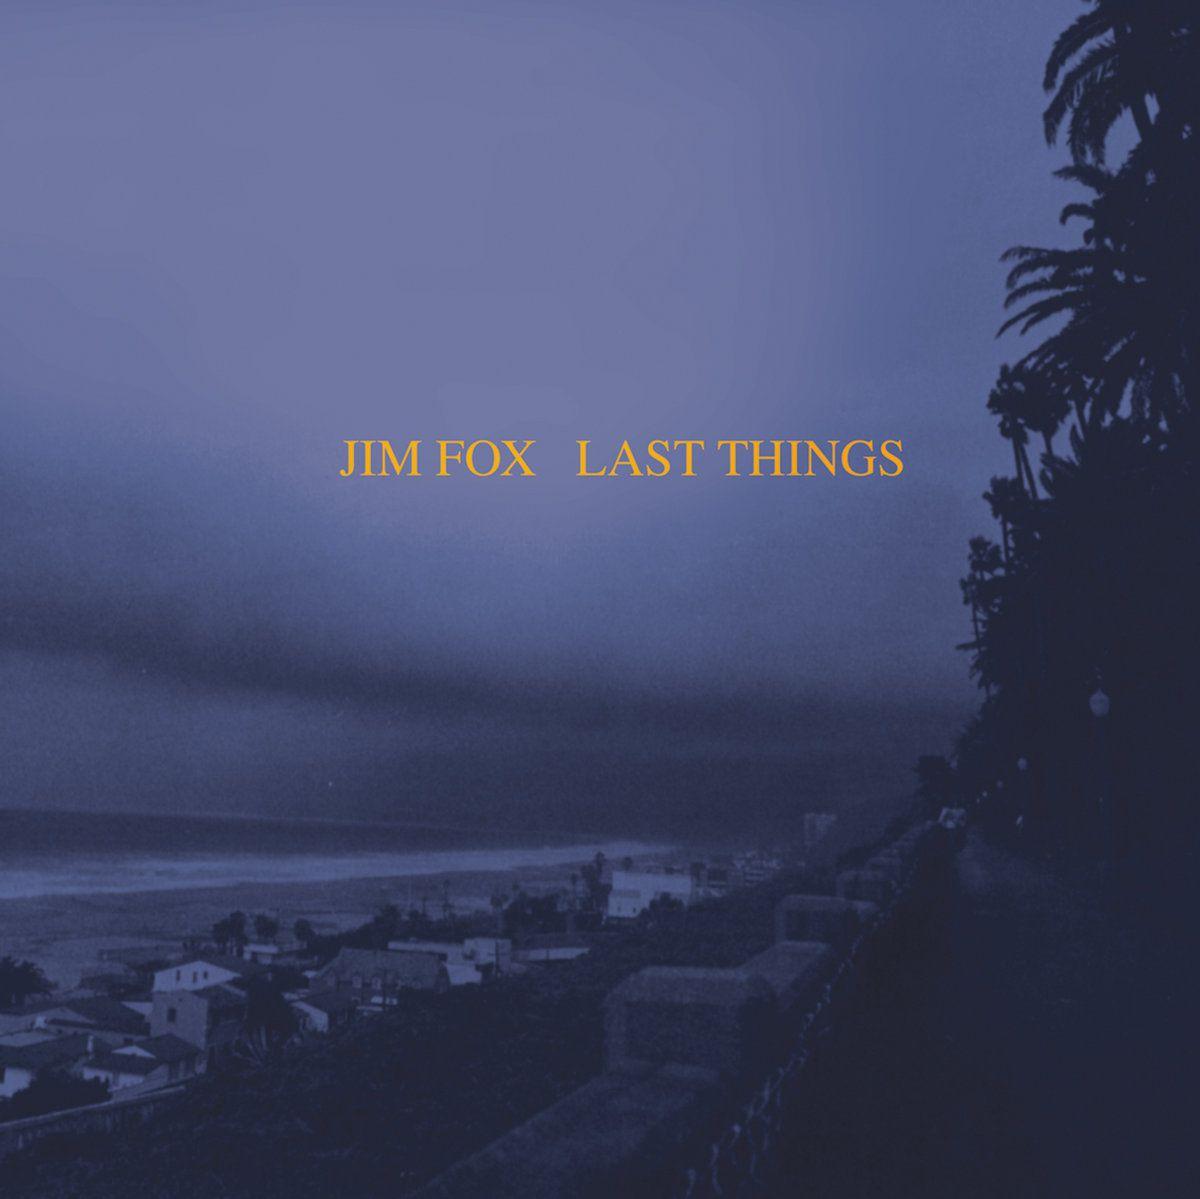 Jim Fox - Last things